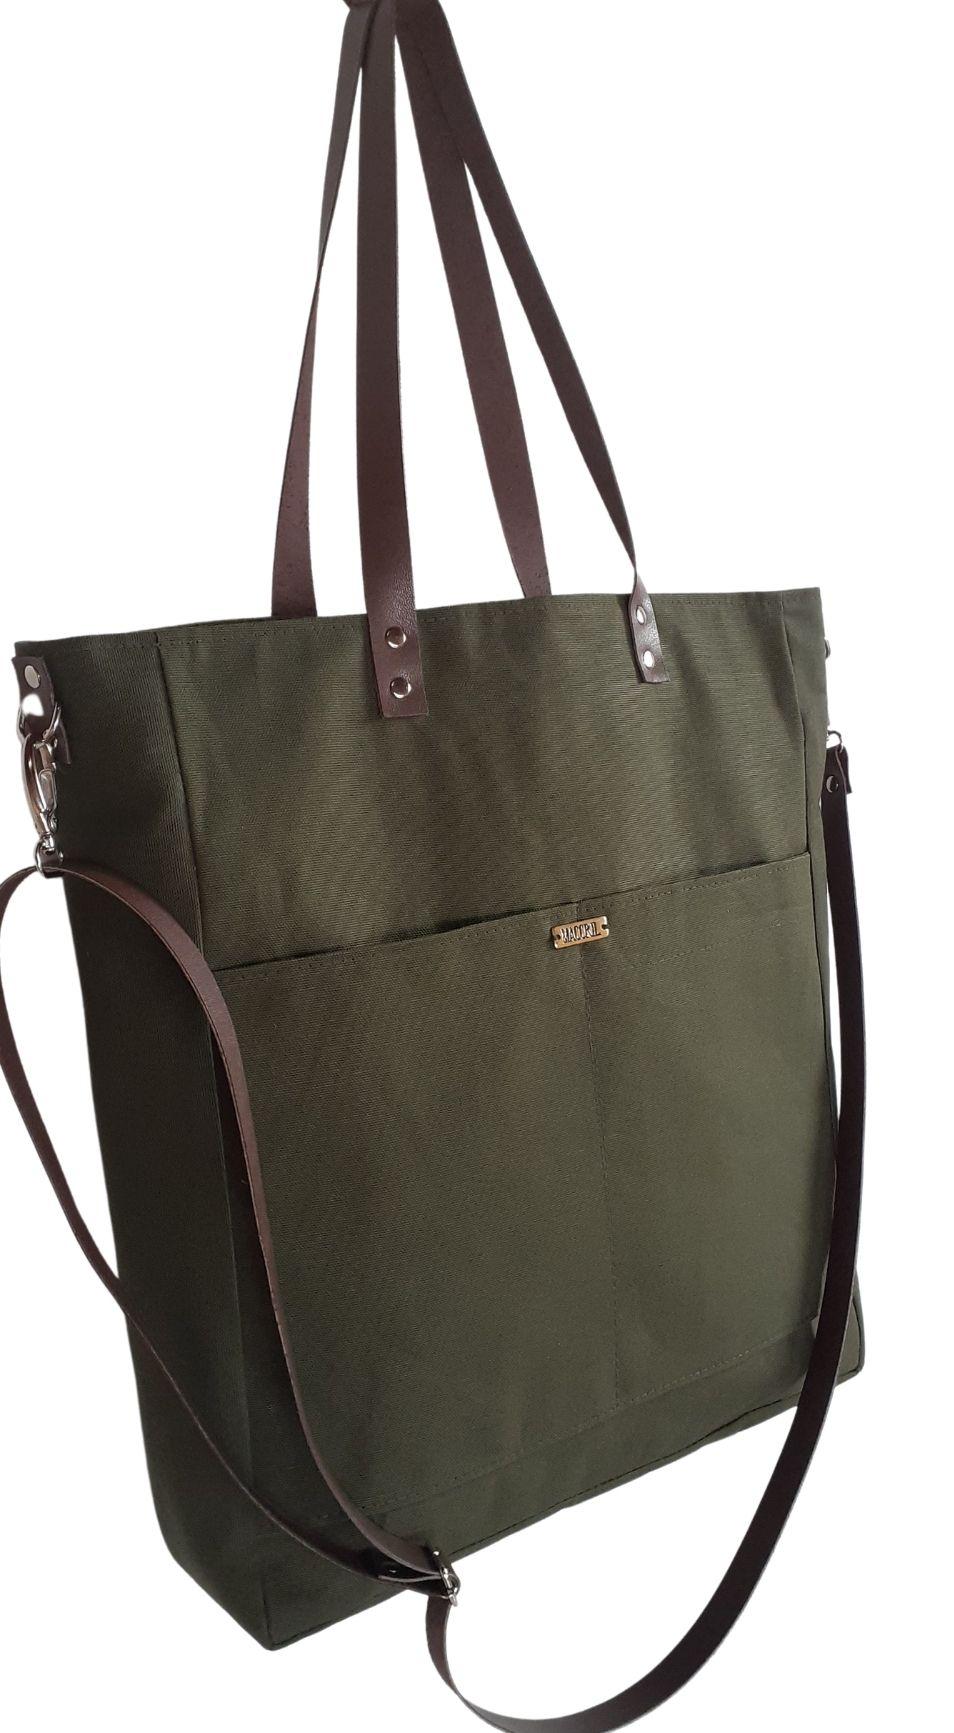 Bolsa verde militar feminina de tecido